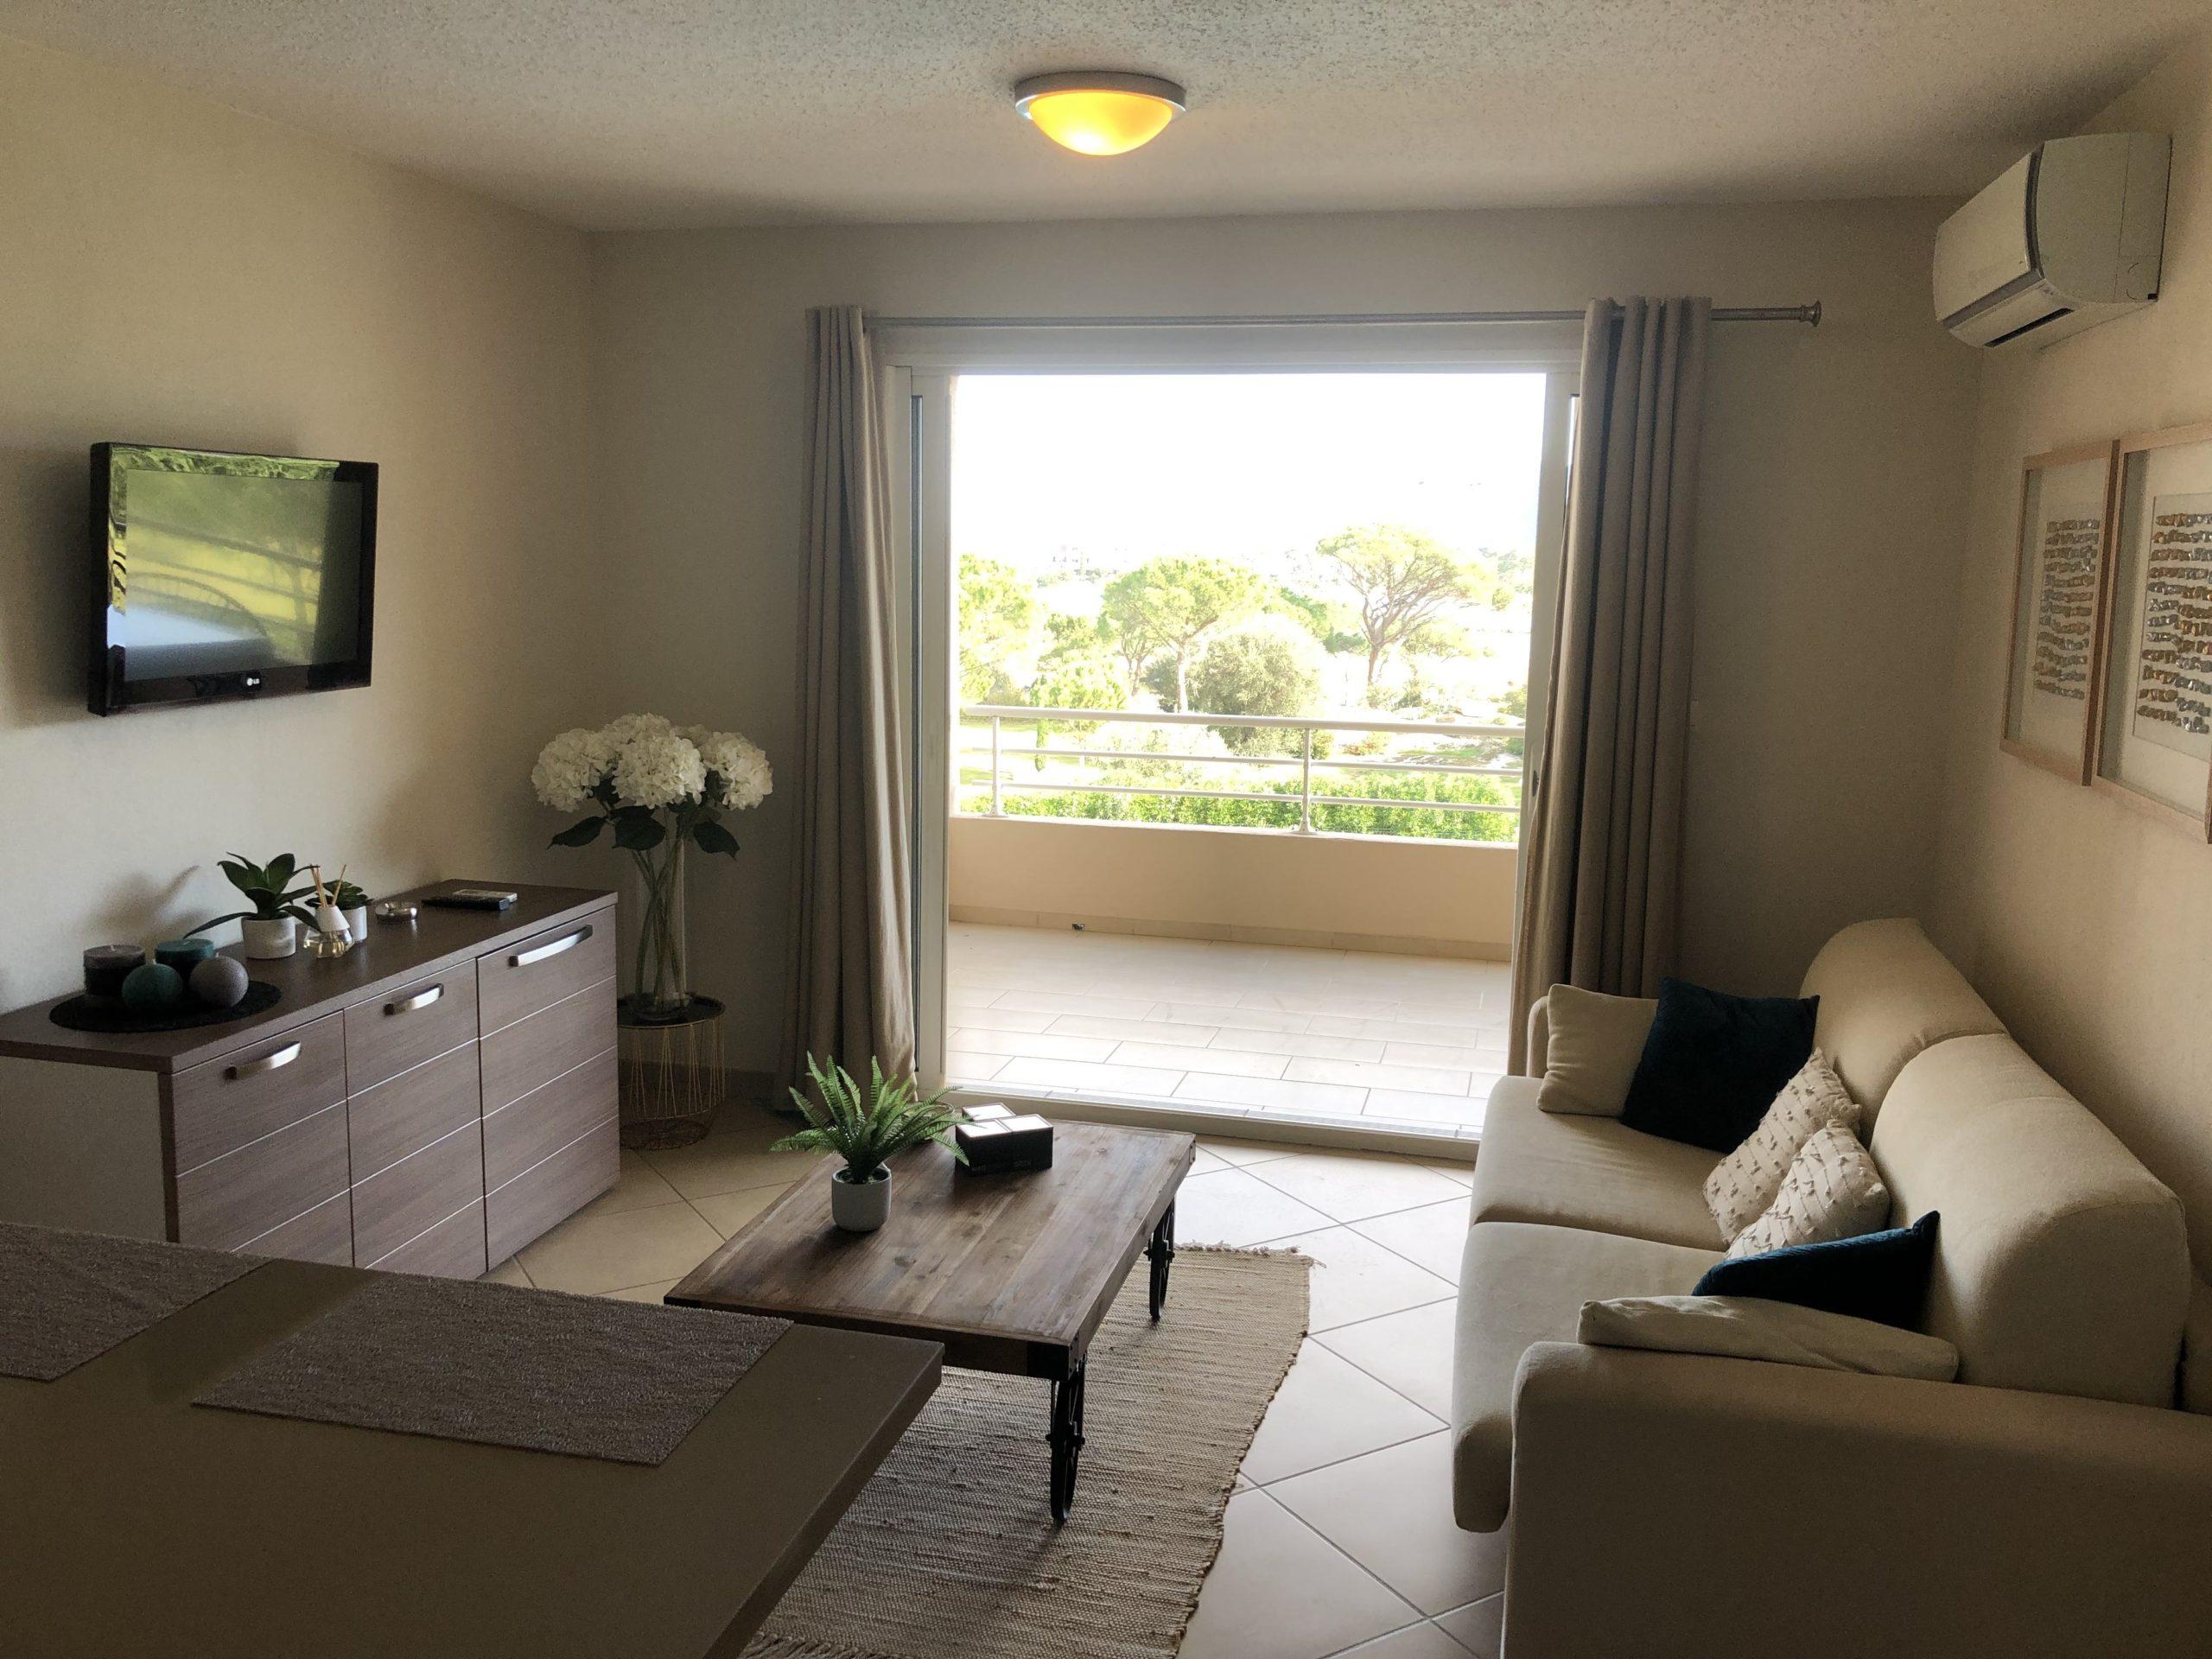 Location-Appartement-Porto-vecchio-Corse-Piscine